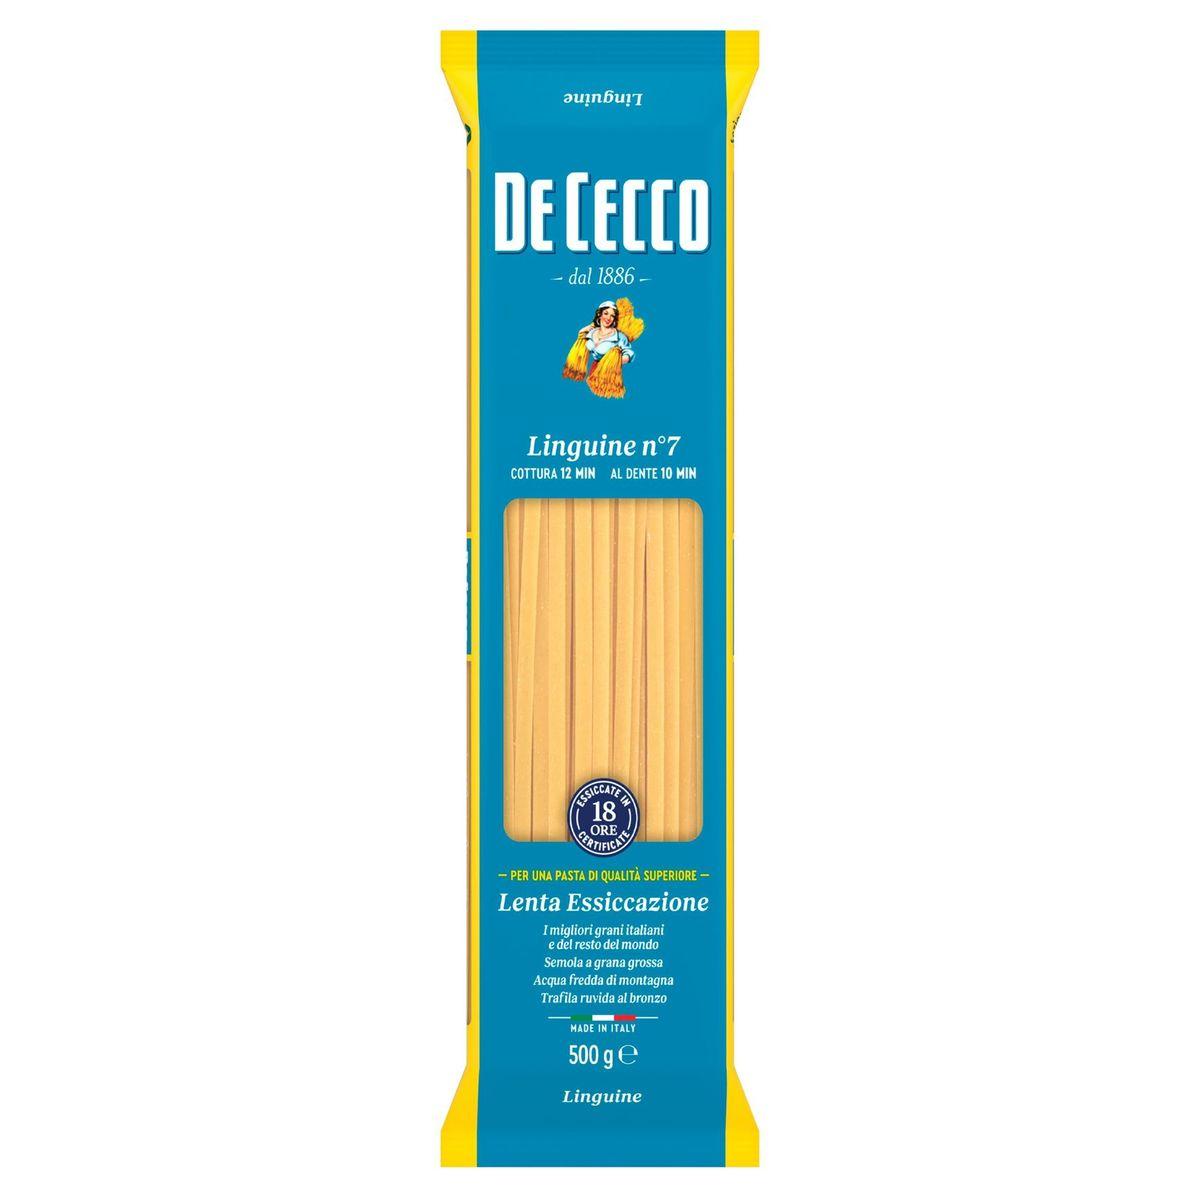 De Cecco Linguine n°7 500 g